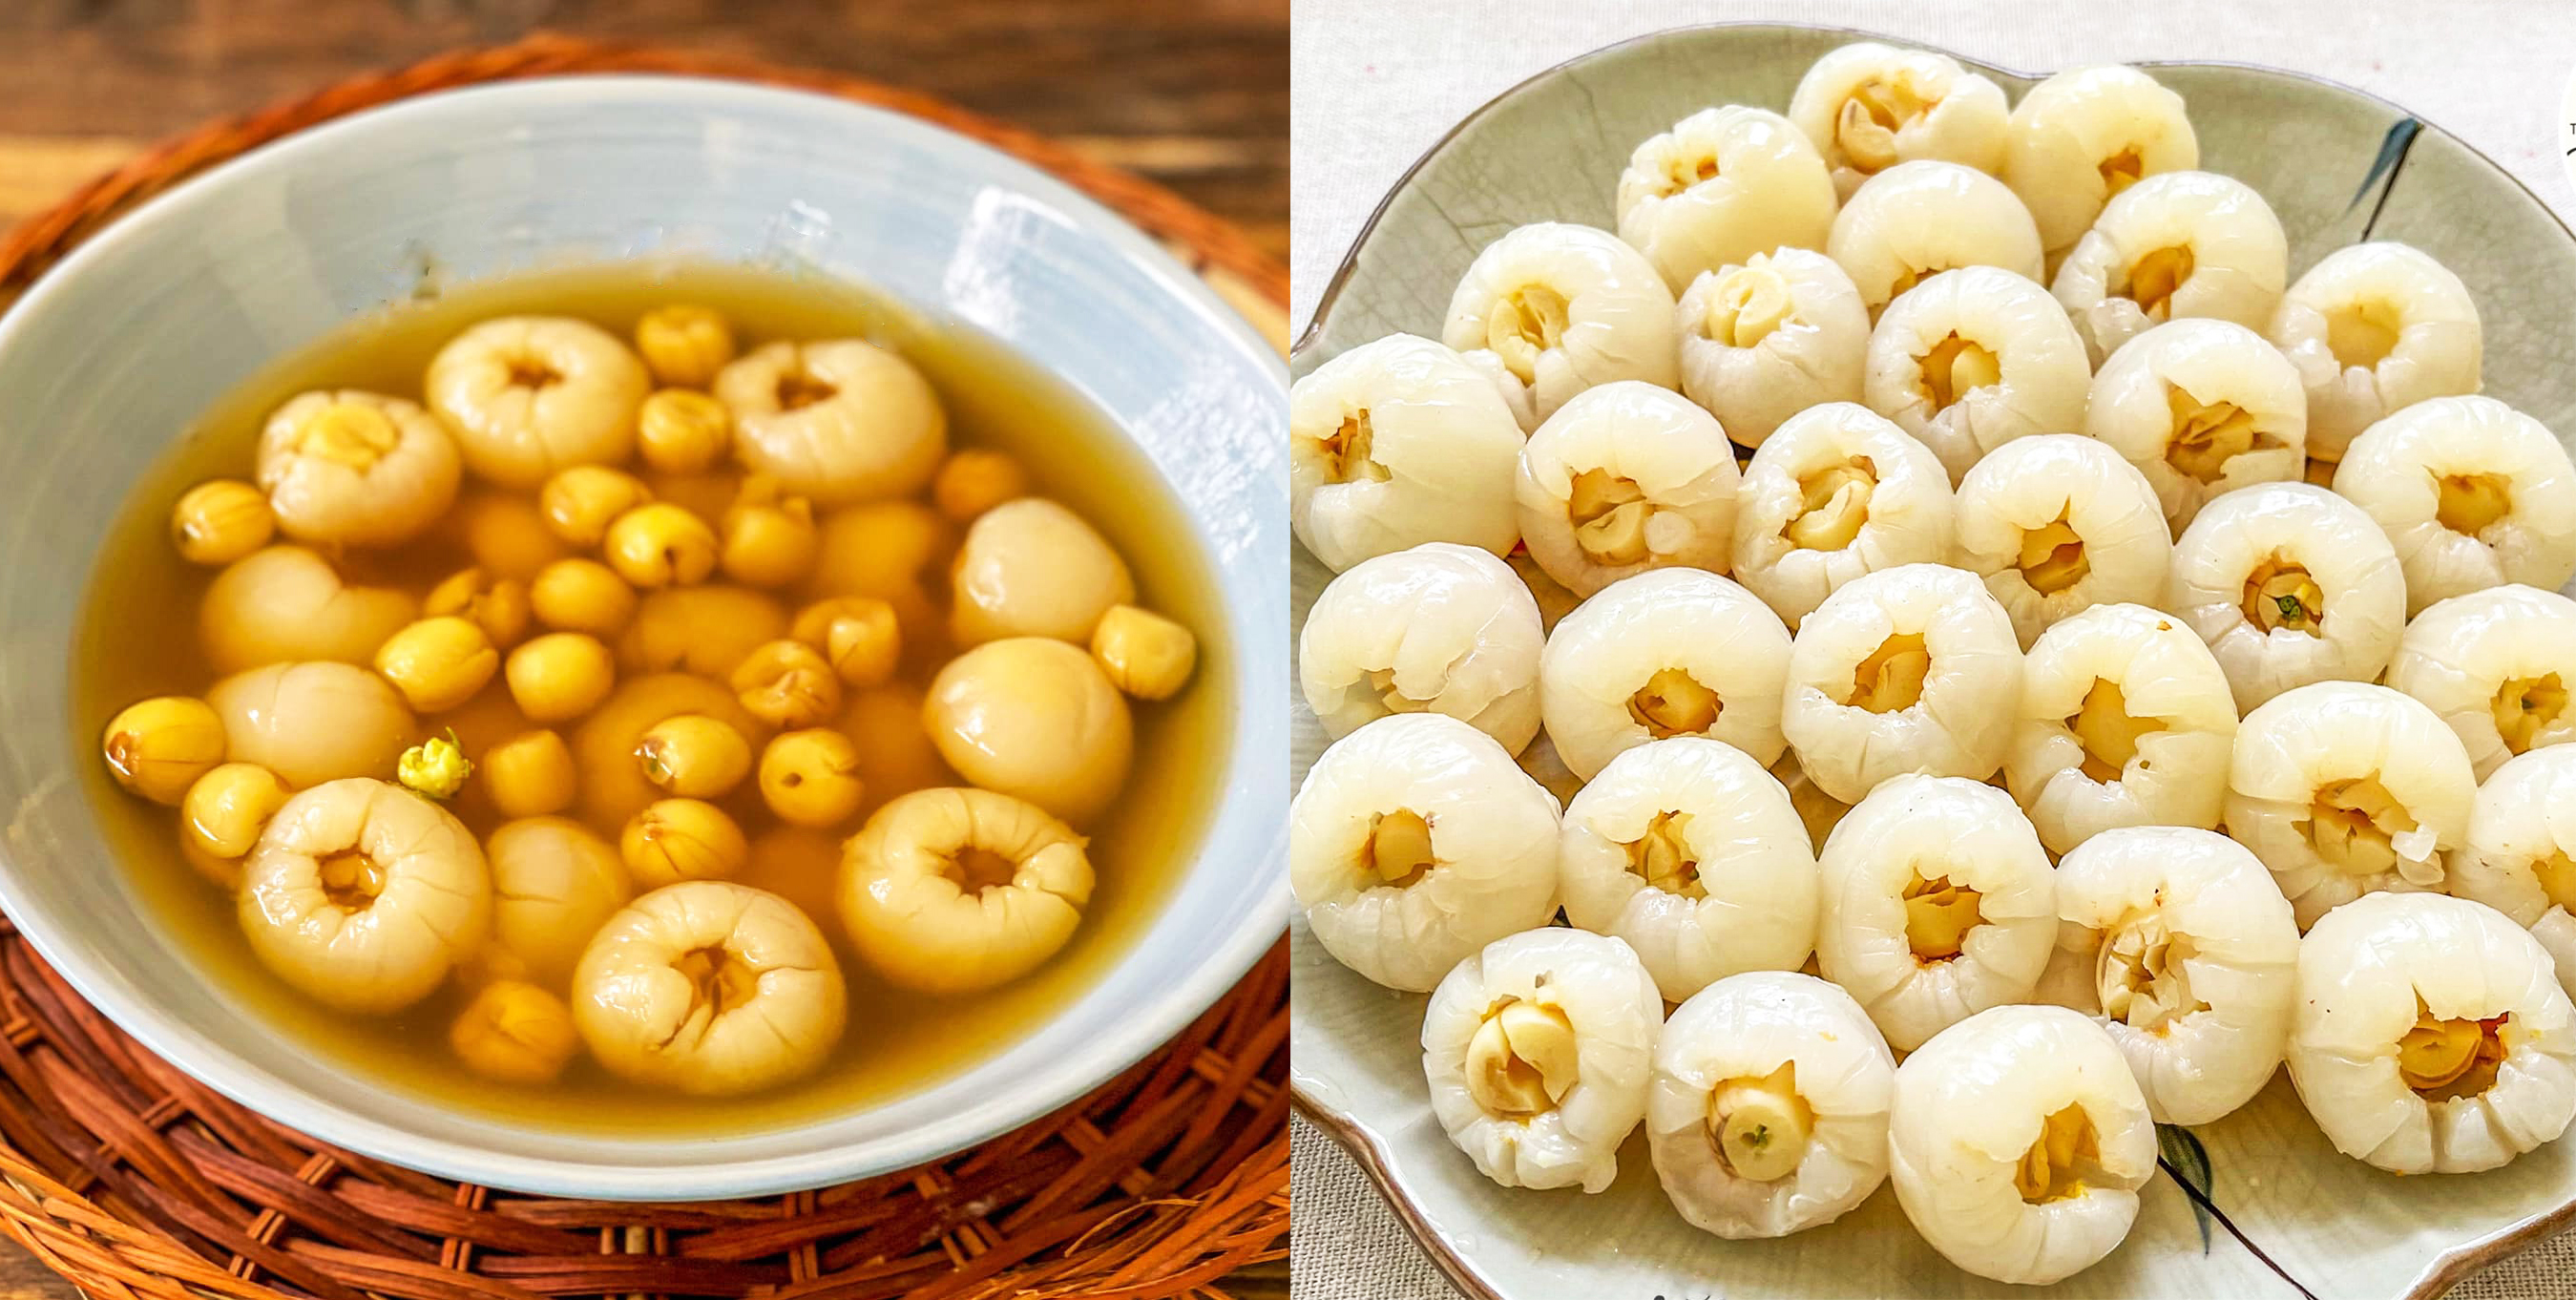 Cách nấu chè vải hạt sen ngọt mát, vừa ngon vừa bổ